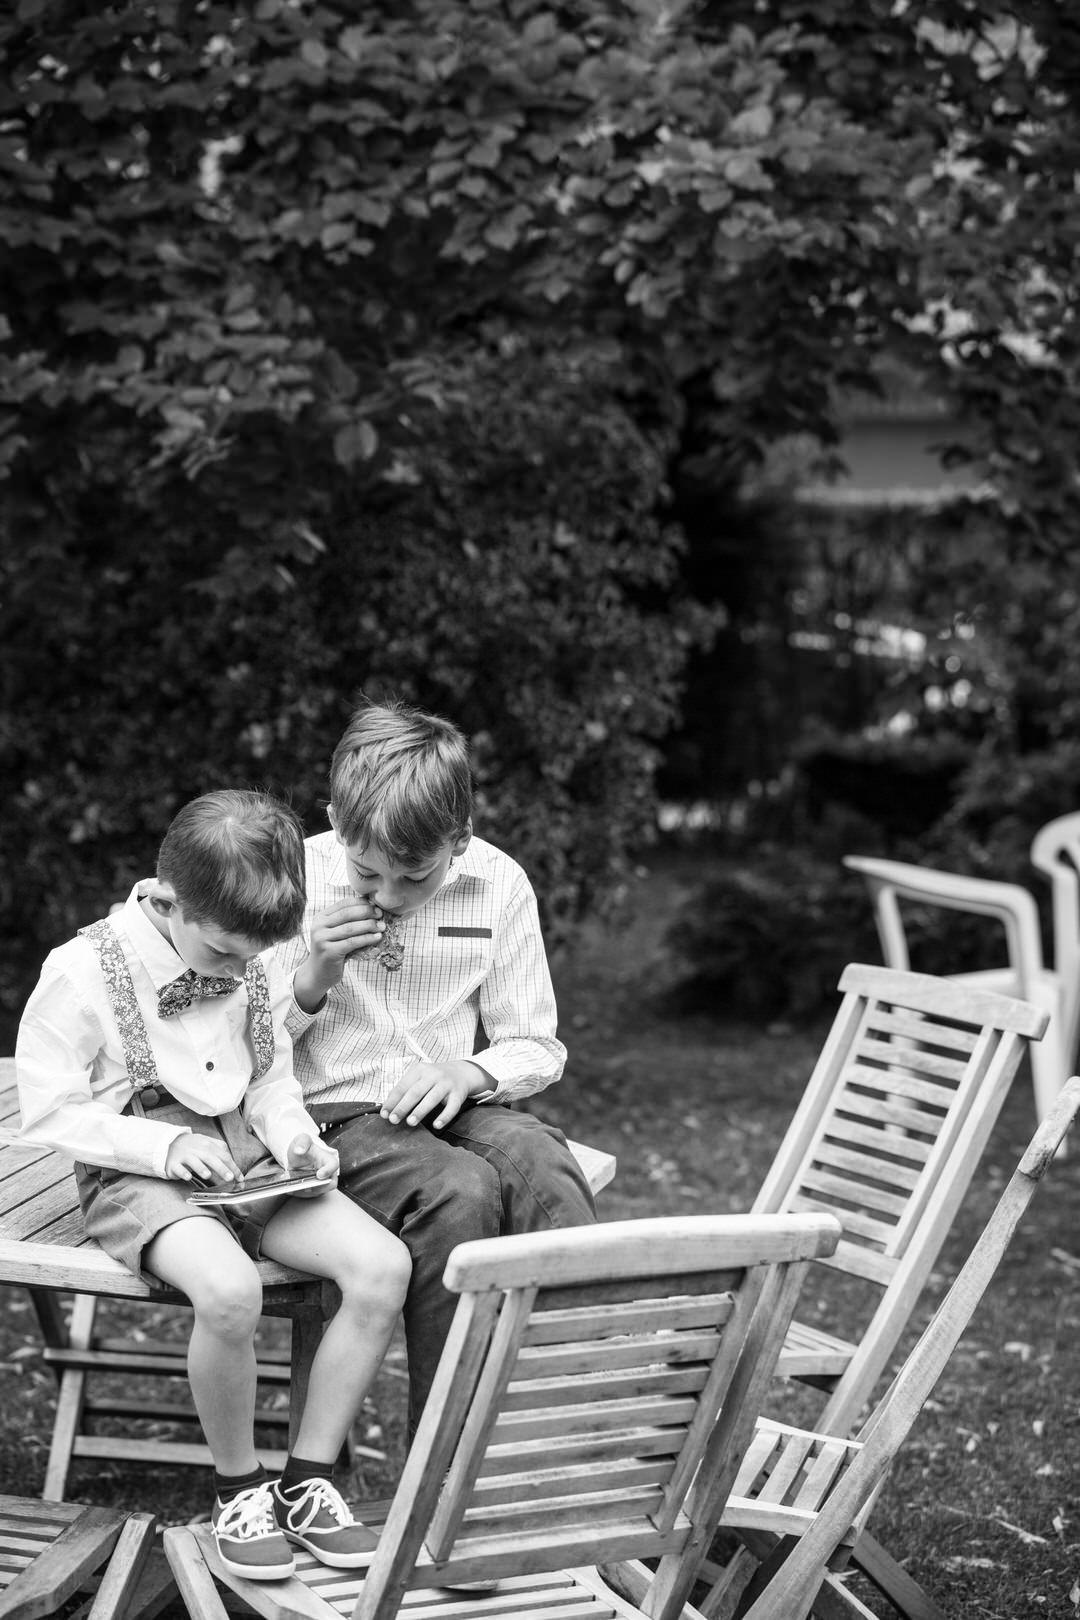 enfant-jardin-smartphone